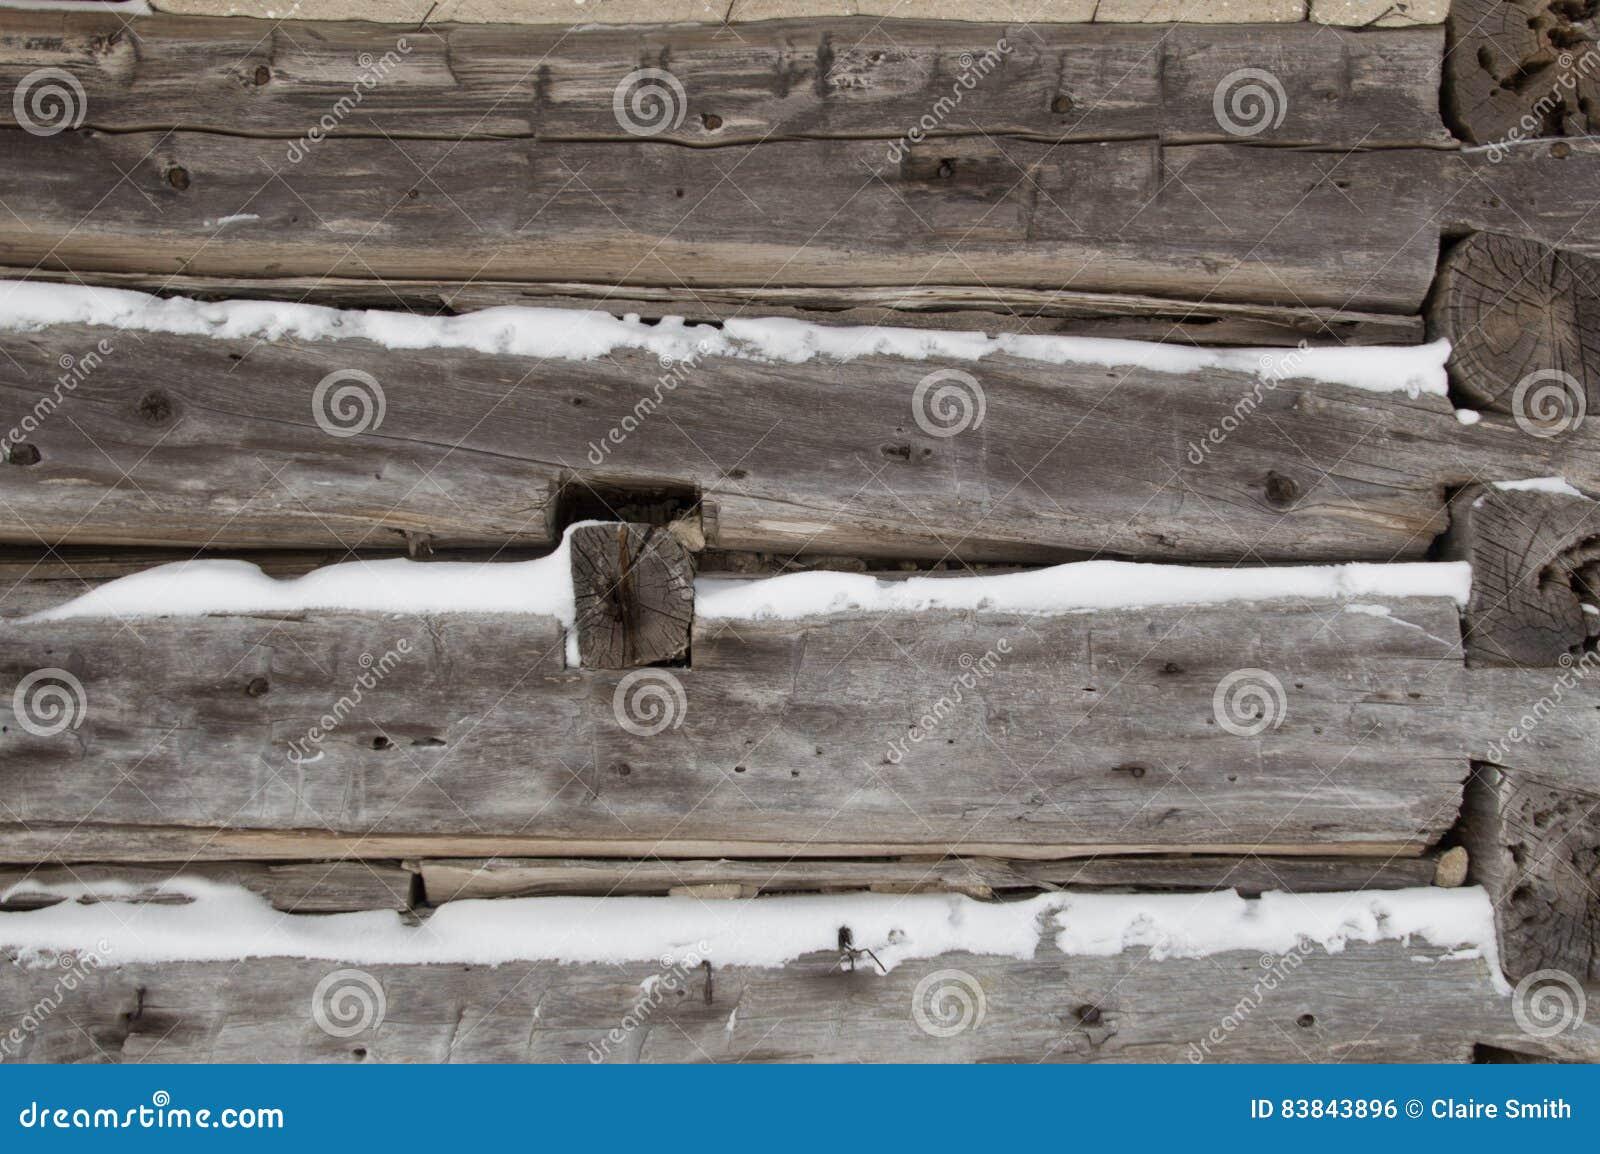 Бревенчатая хижина спилила журналы для того чтобы загонять крупный план в угол с снегом in-between